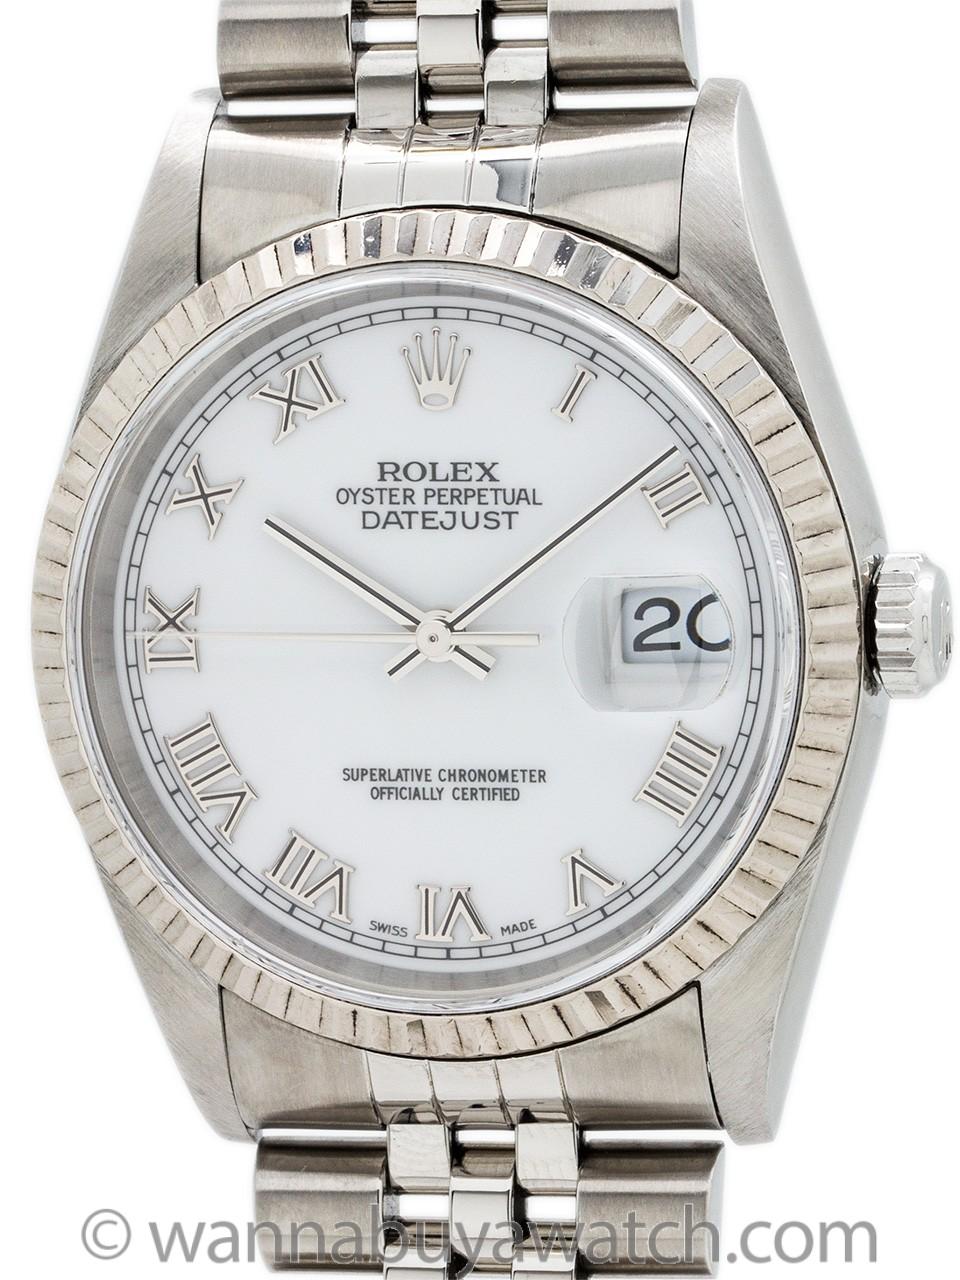 Rolex Datejust Stainless Steel ref 16234 circa 1988